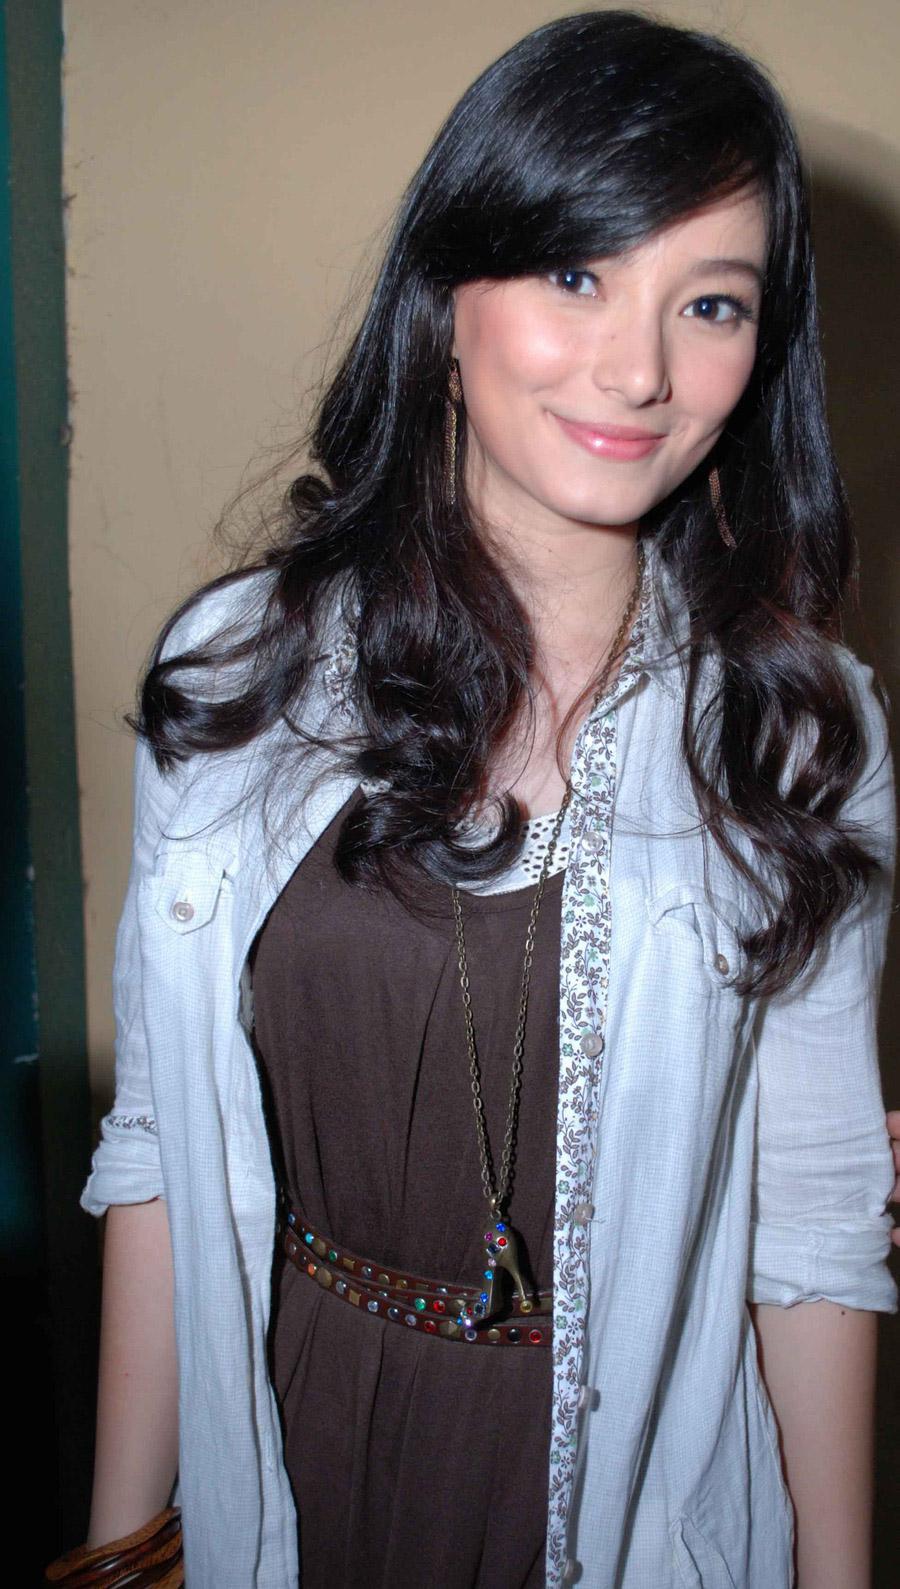 Asmirandah - Wallpaper Actress